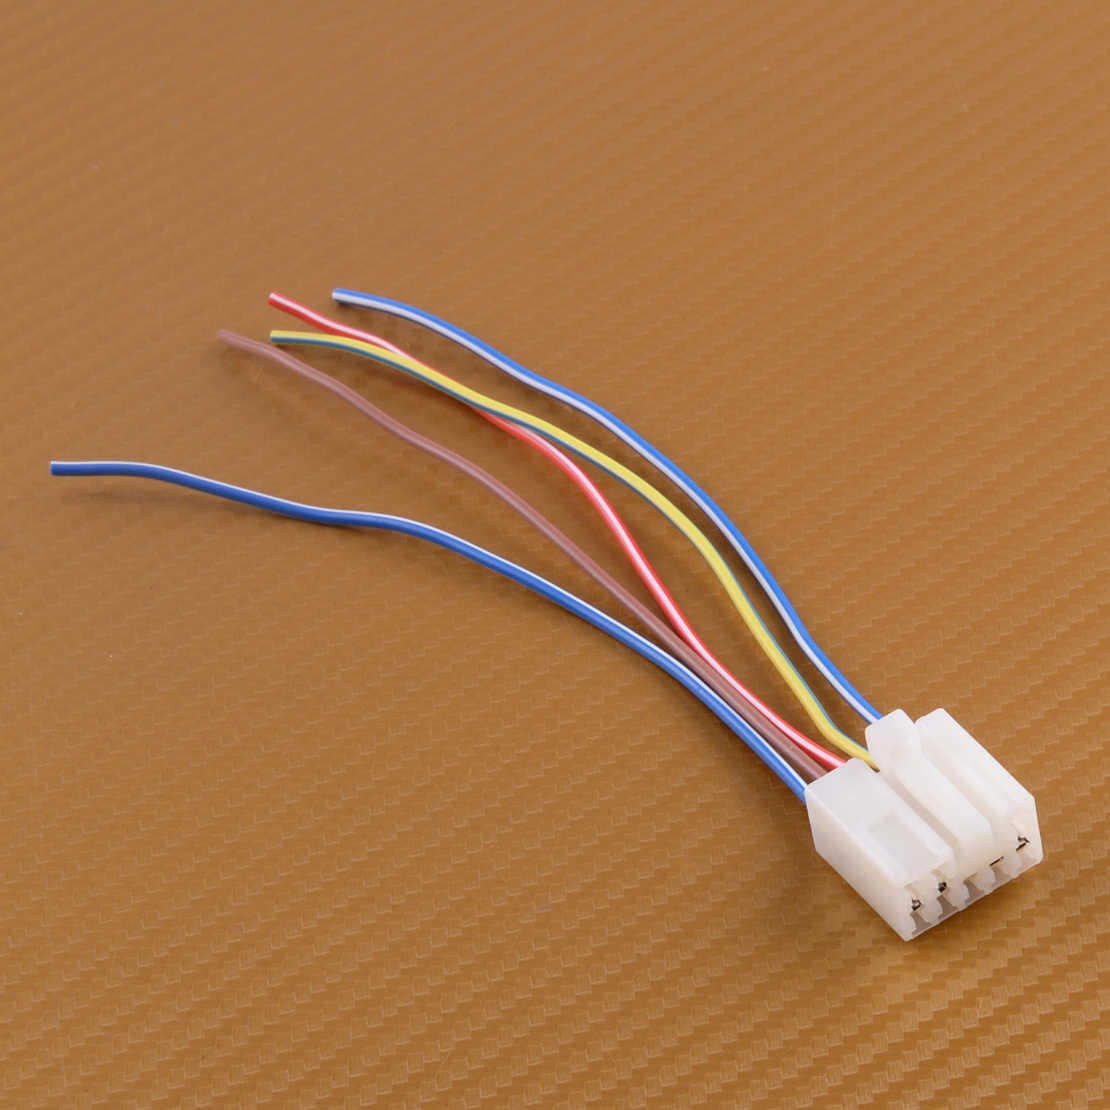 hight resolution of dwcx fog light switch plug pigtail 3727077j00 fit for suzuki sx4 swift lingyang alto grand vitara